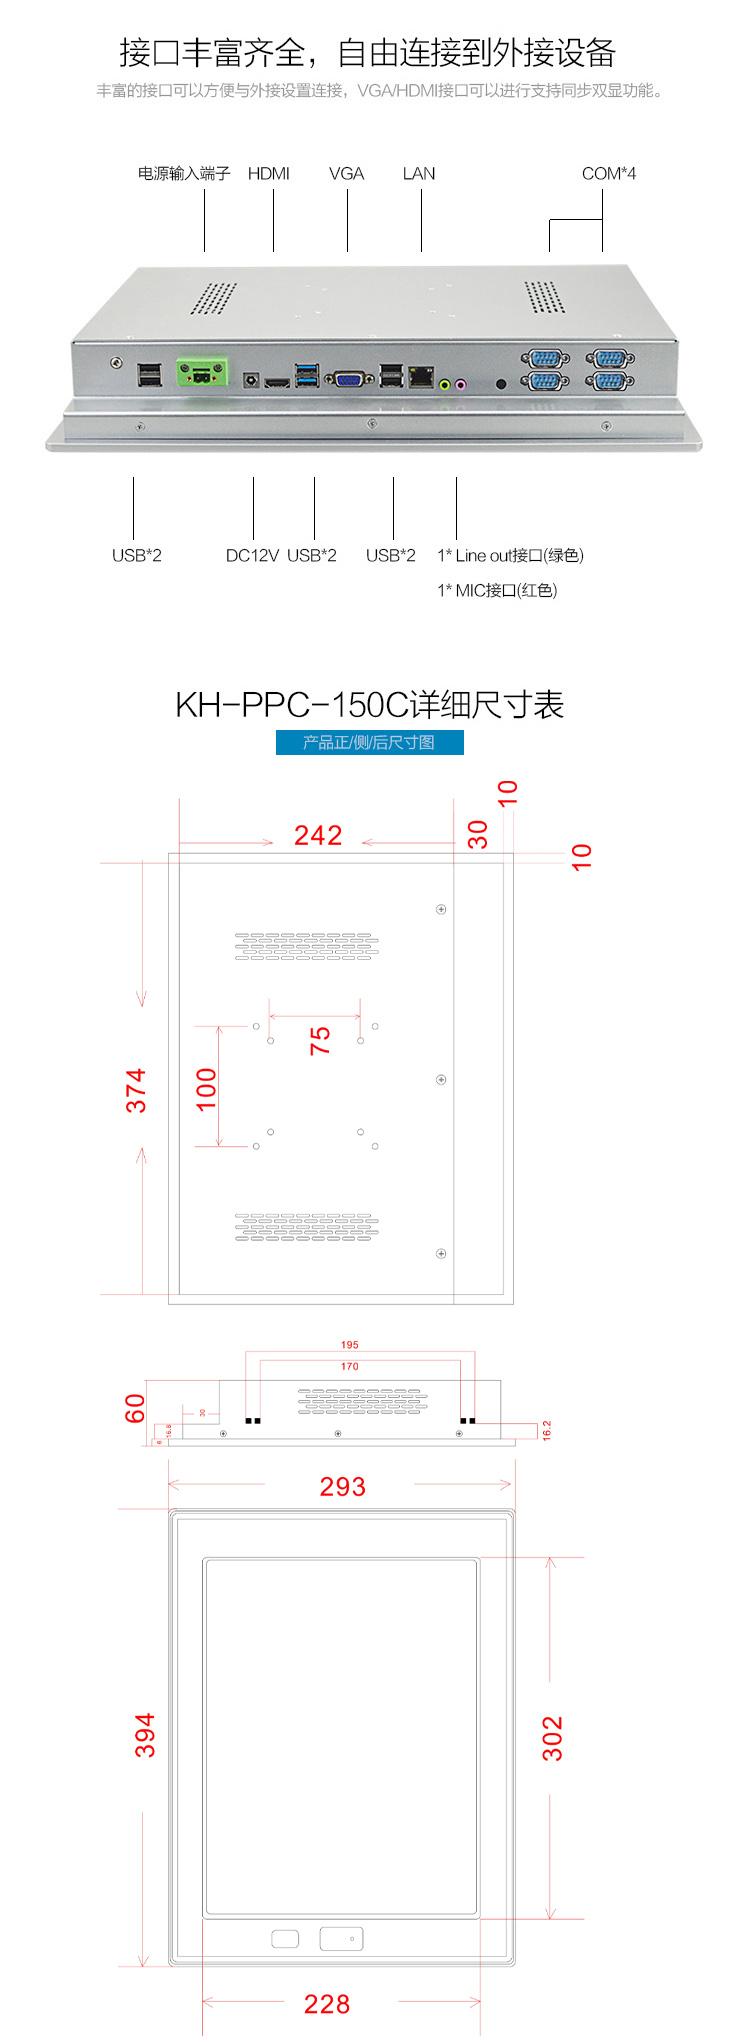 KHPPC-1501